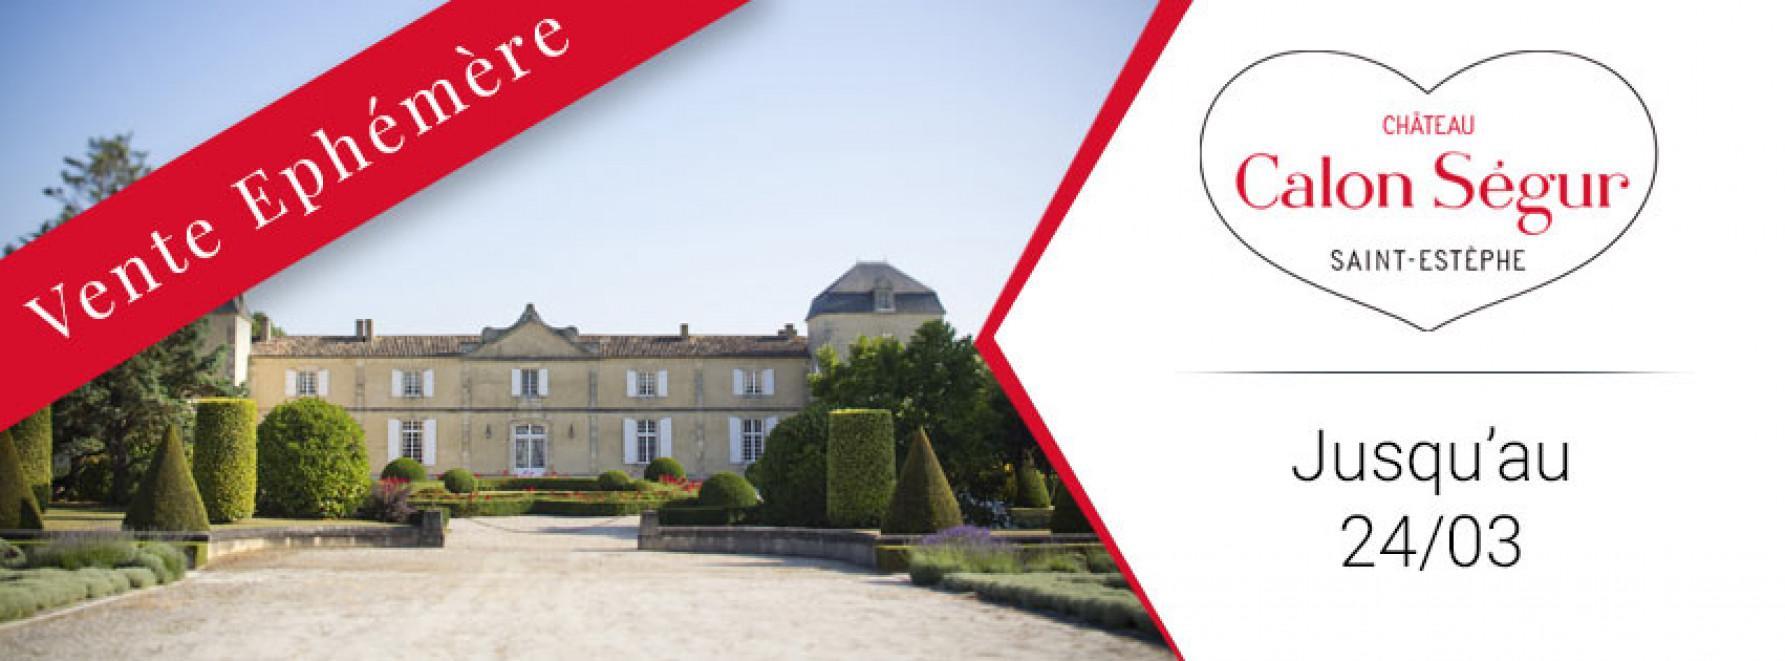 Vente Éphémère du Château Calon Ségur